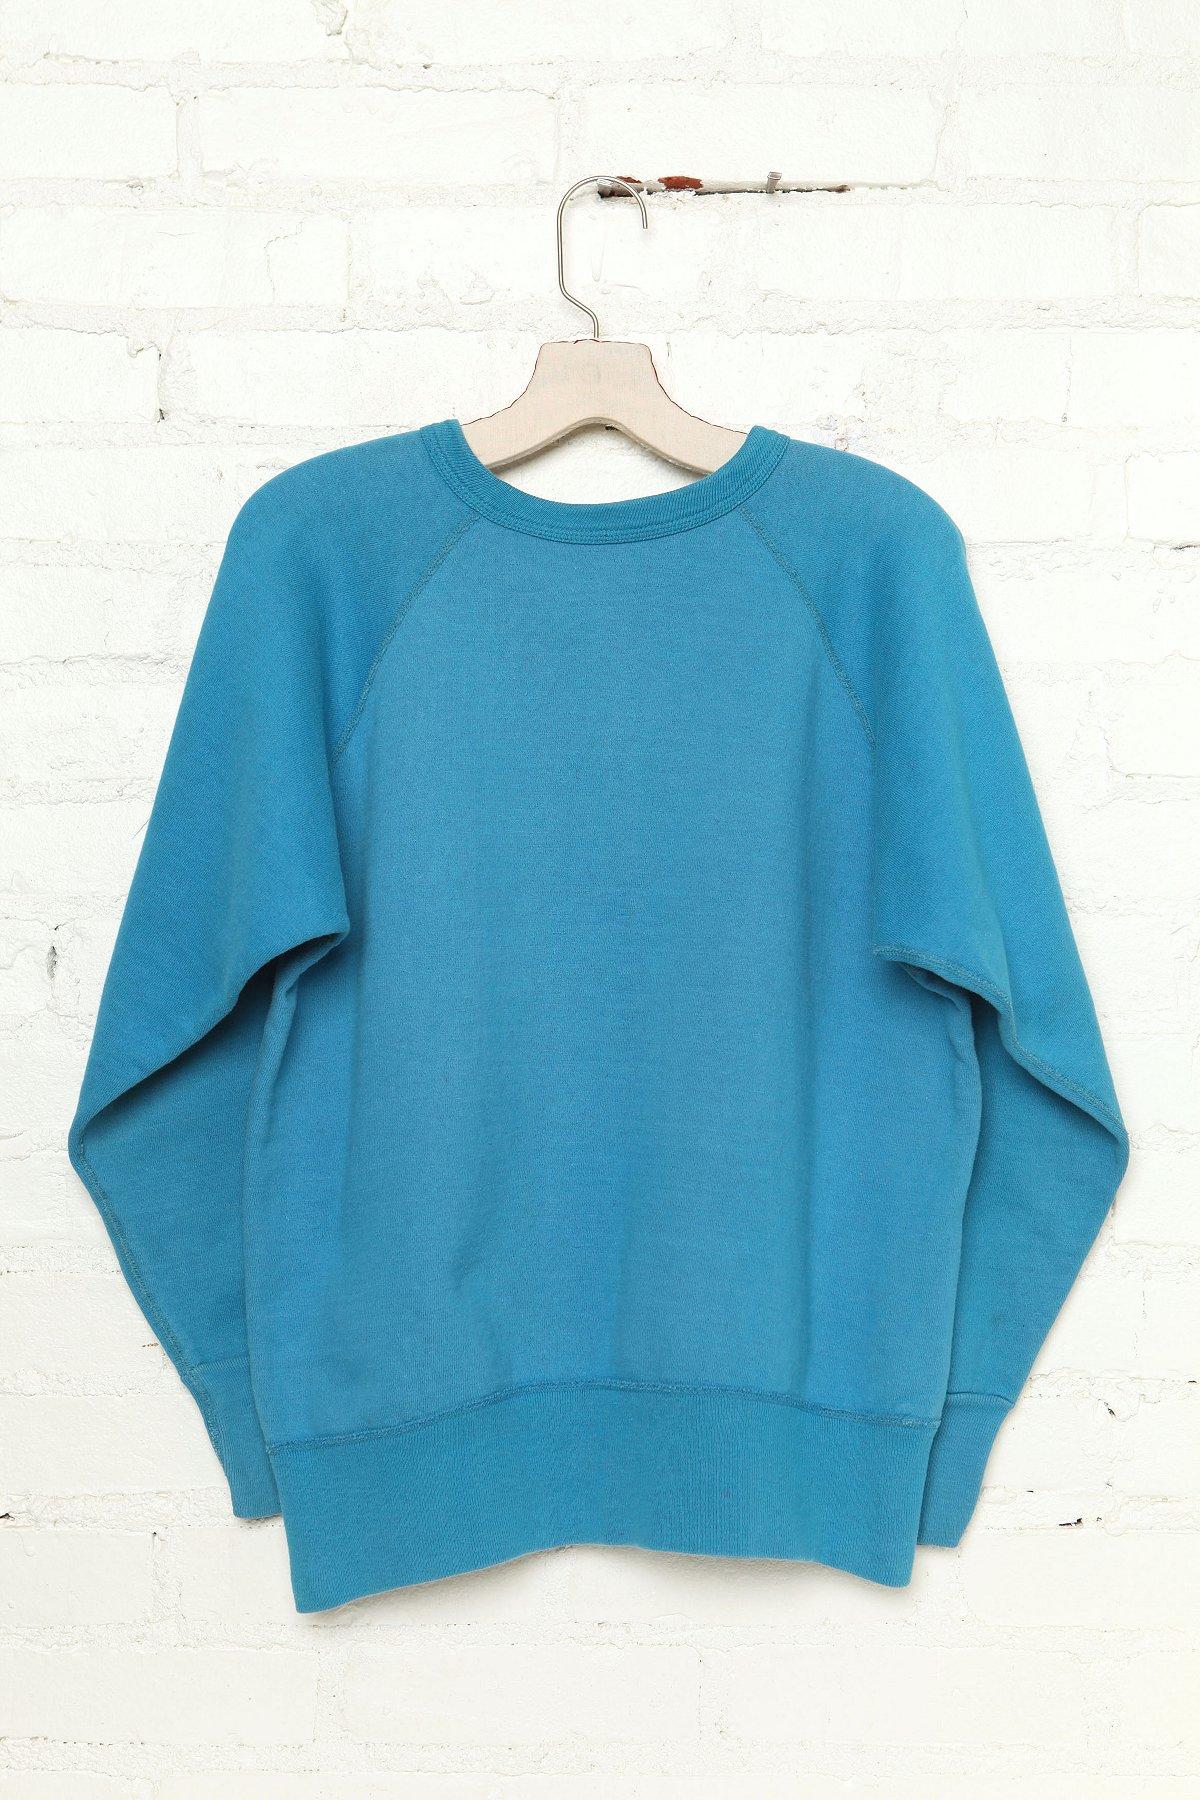 Vintage Basic Blue Sweatshirt